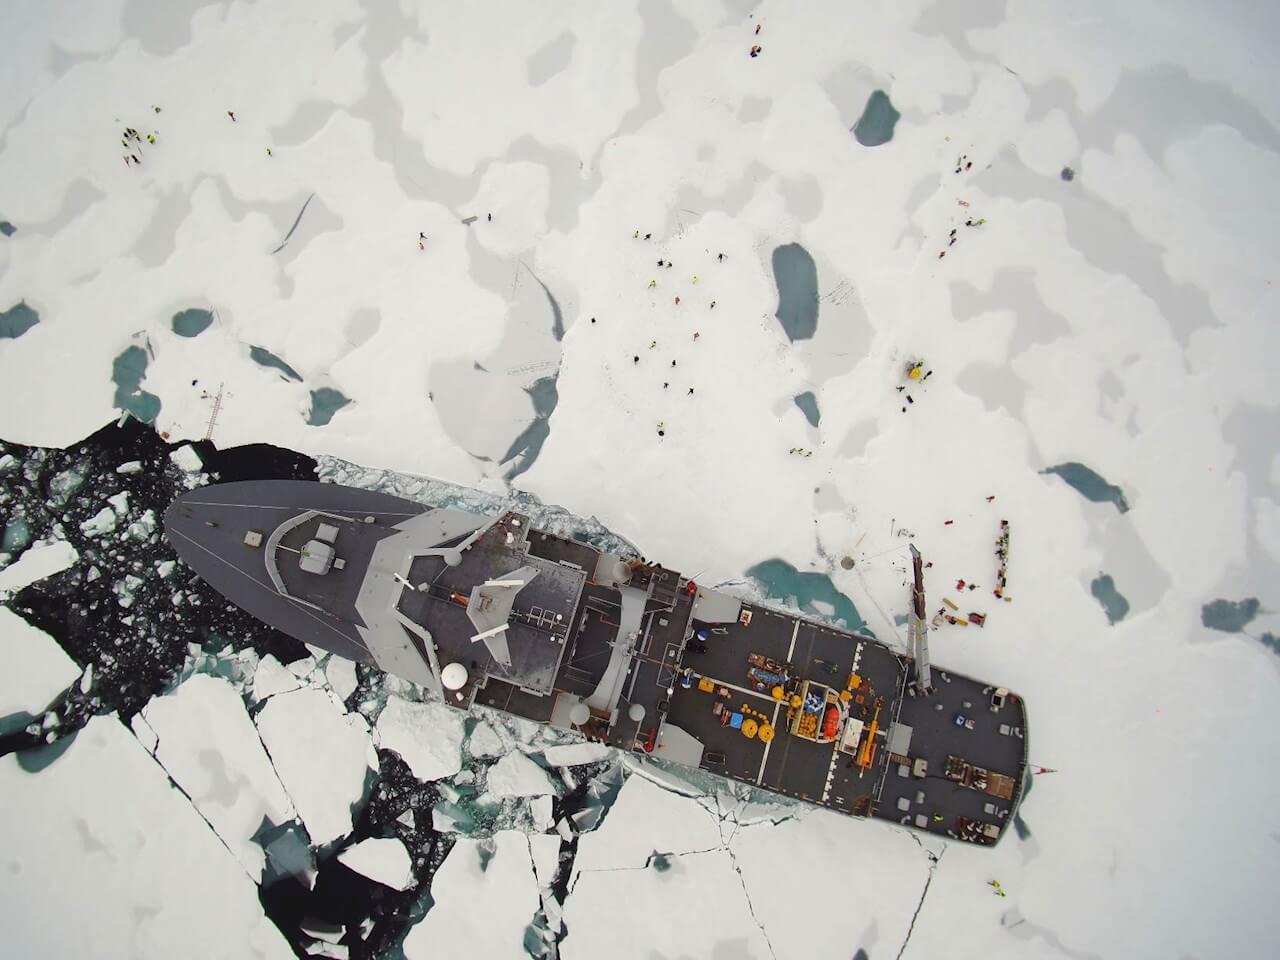 Ледокол «Свальбард» на Северном полюсе